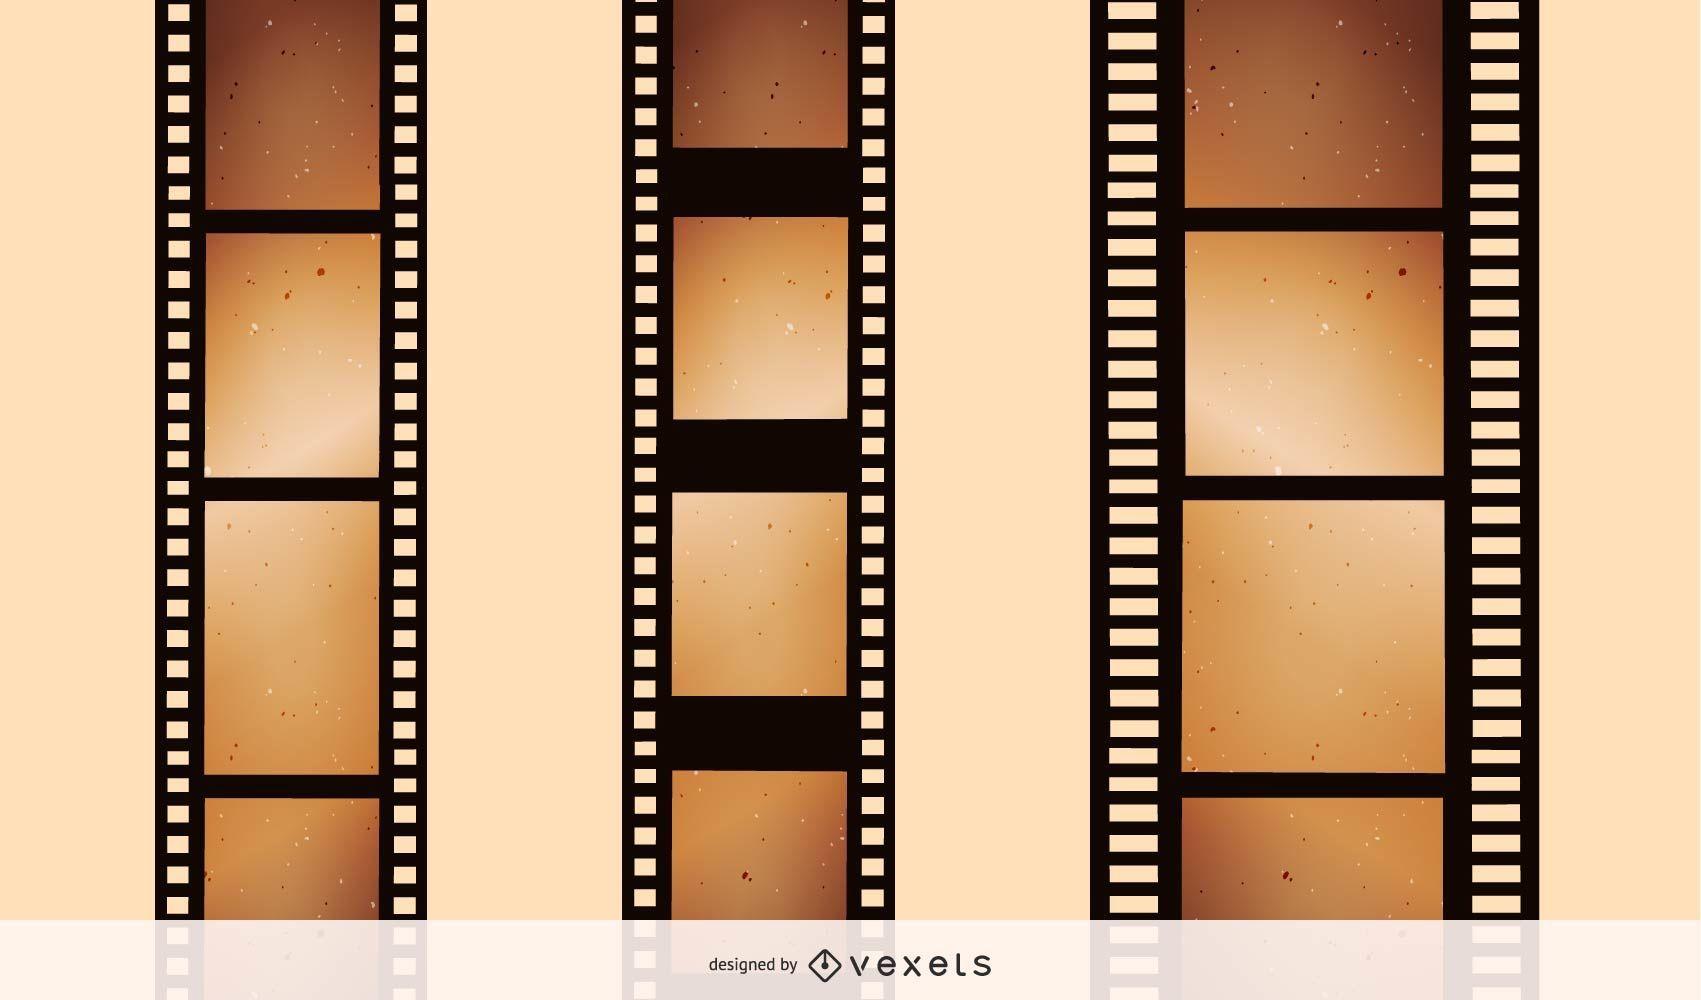 Nostalgic film negatives